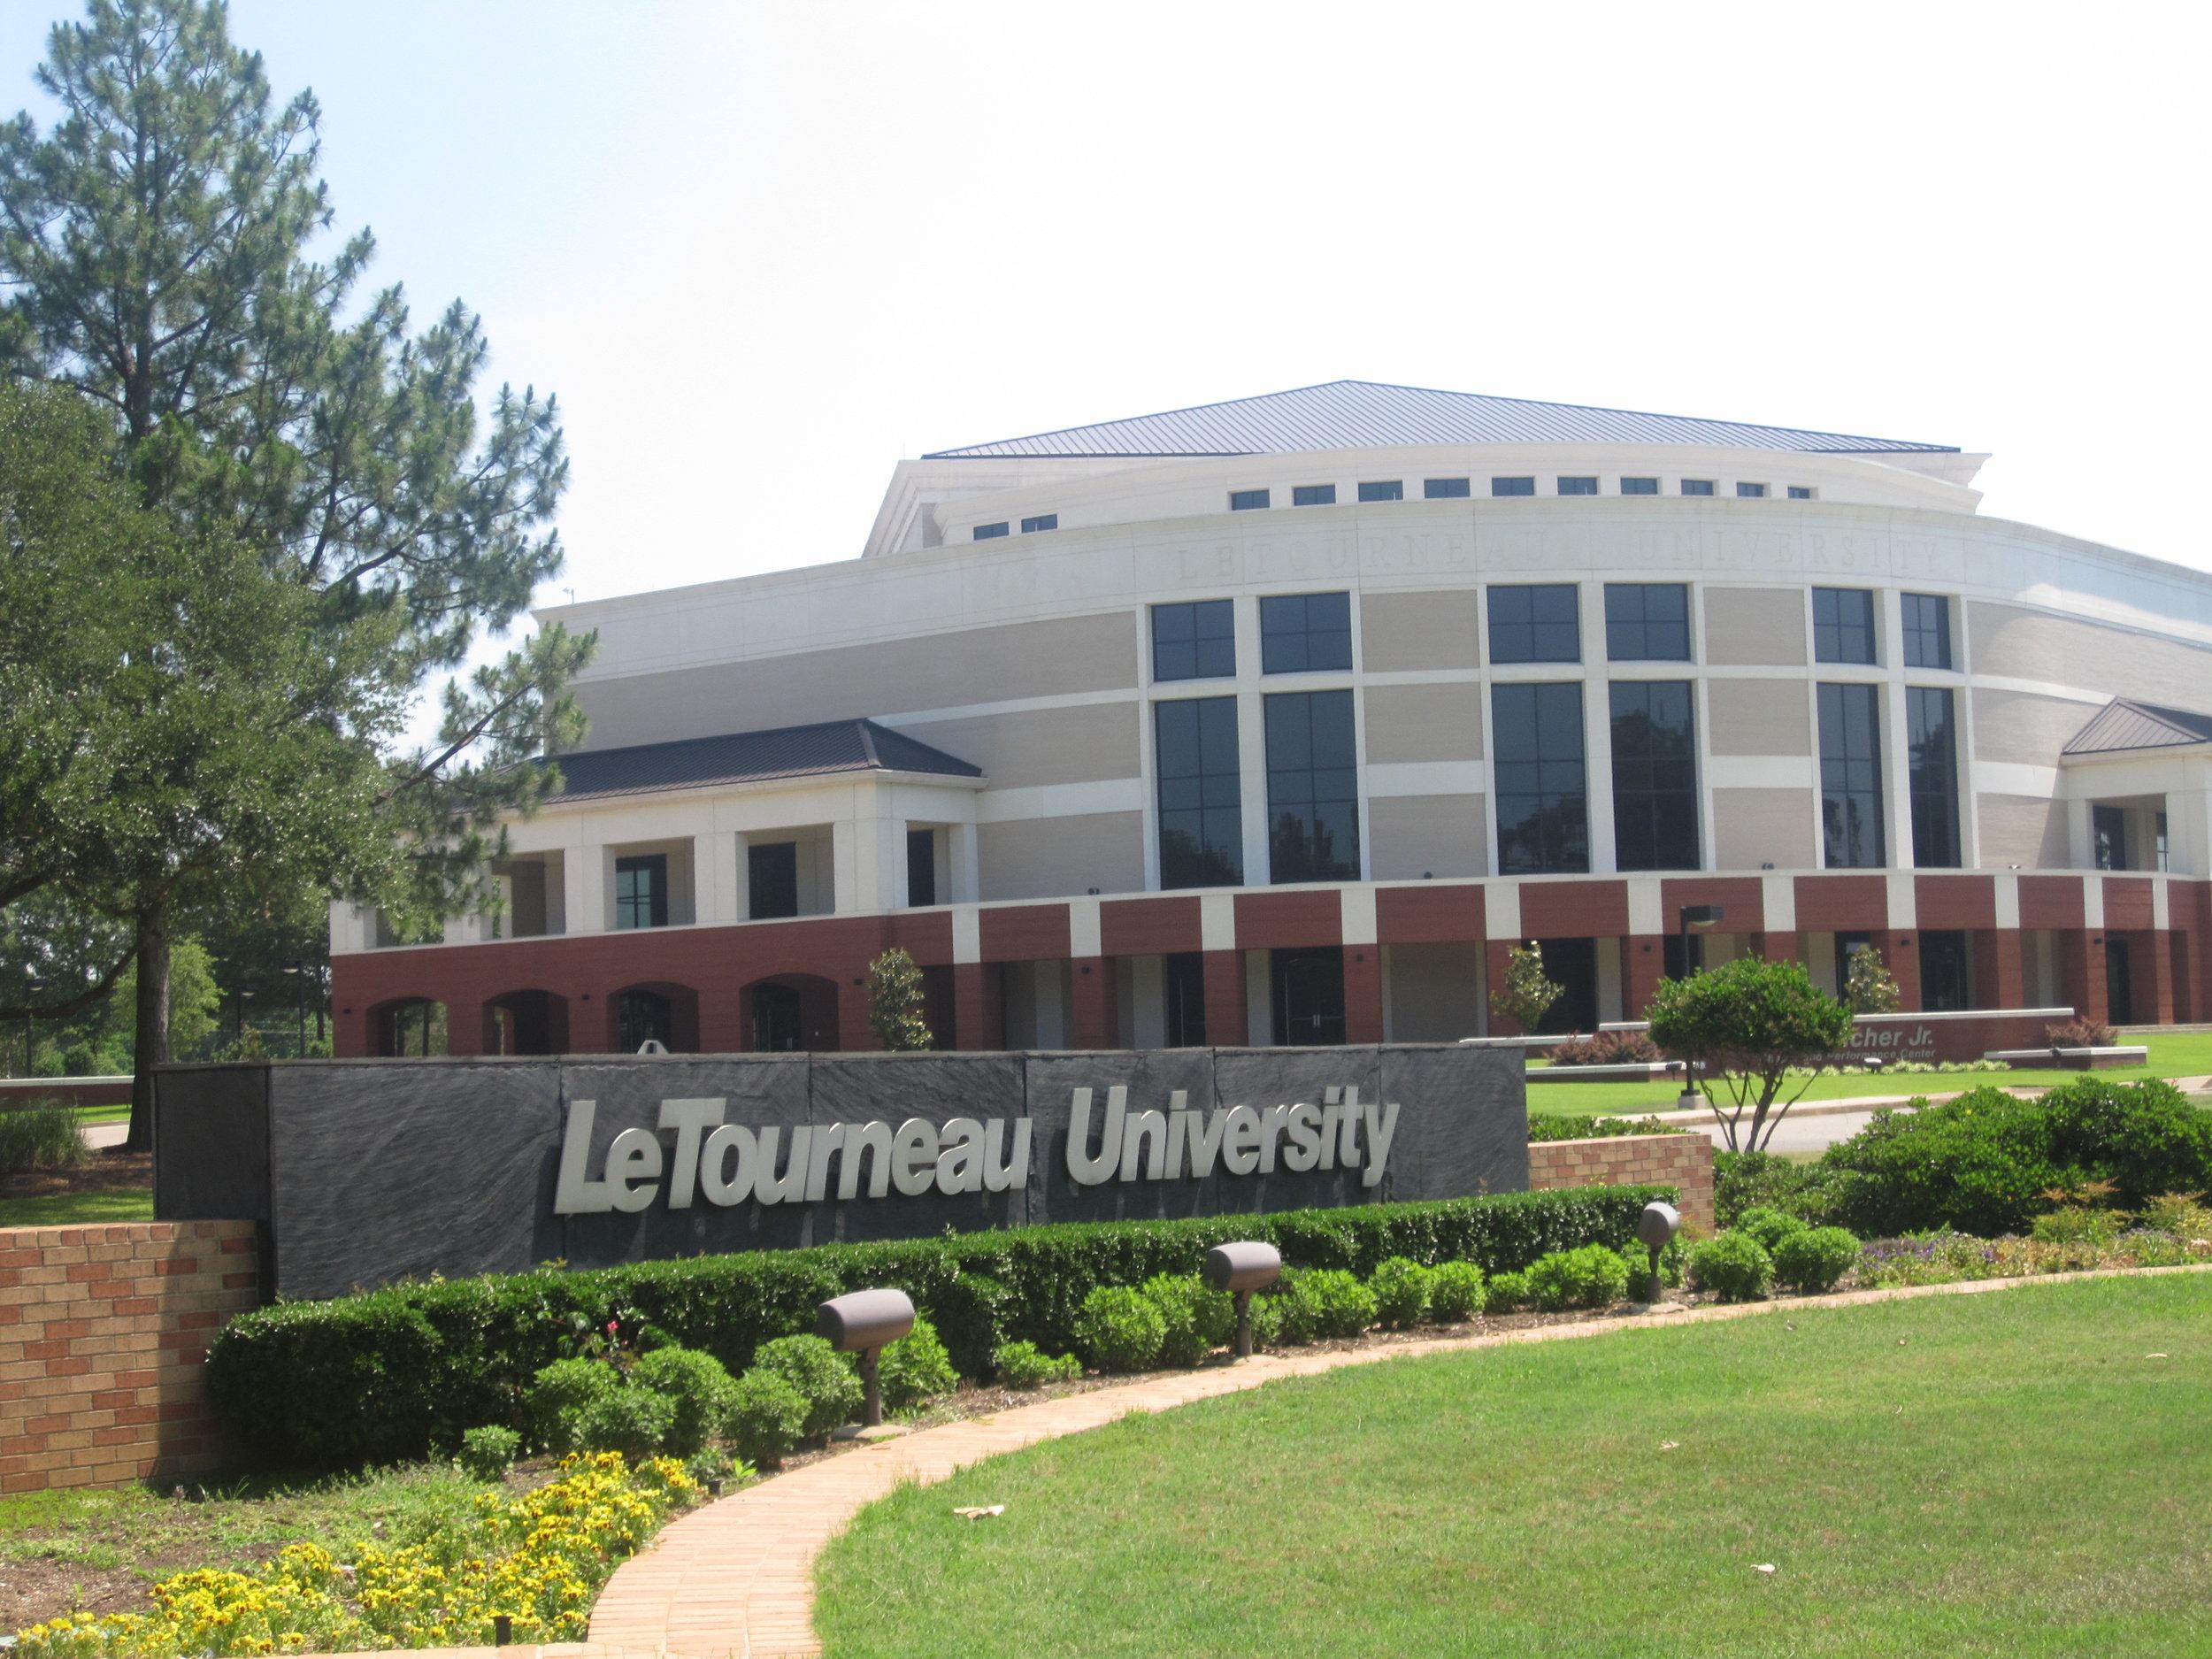 LeTourneau University -